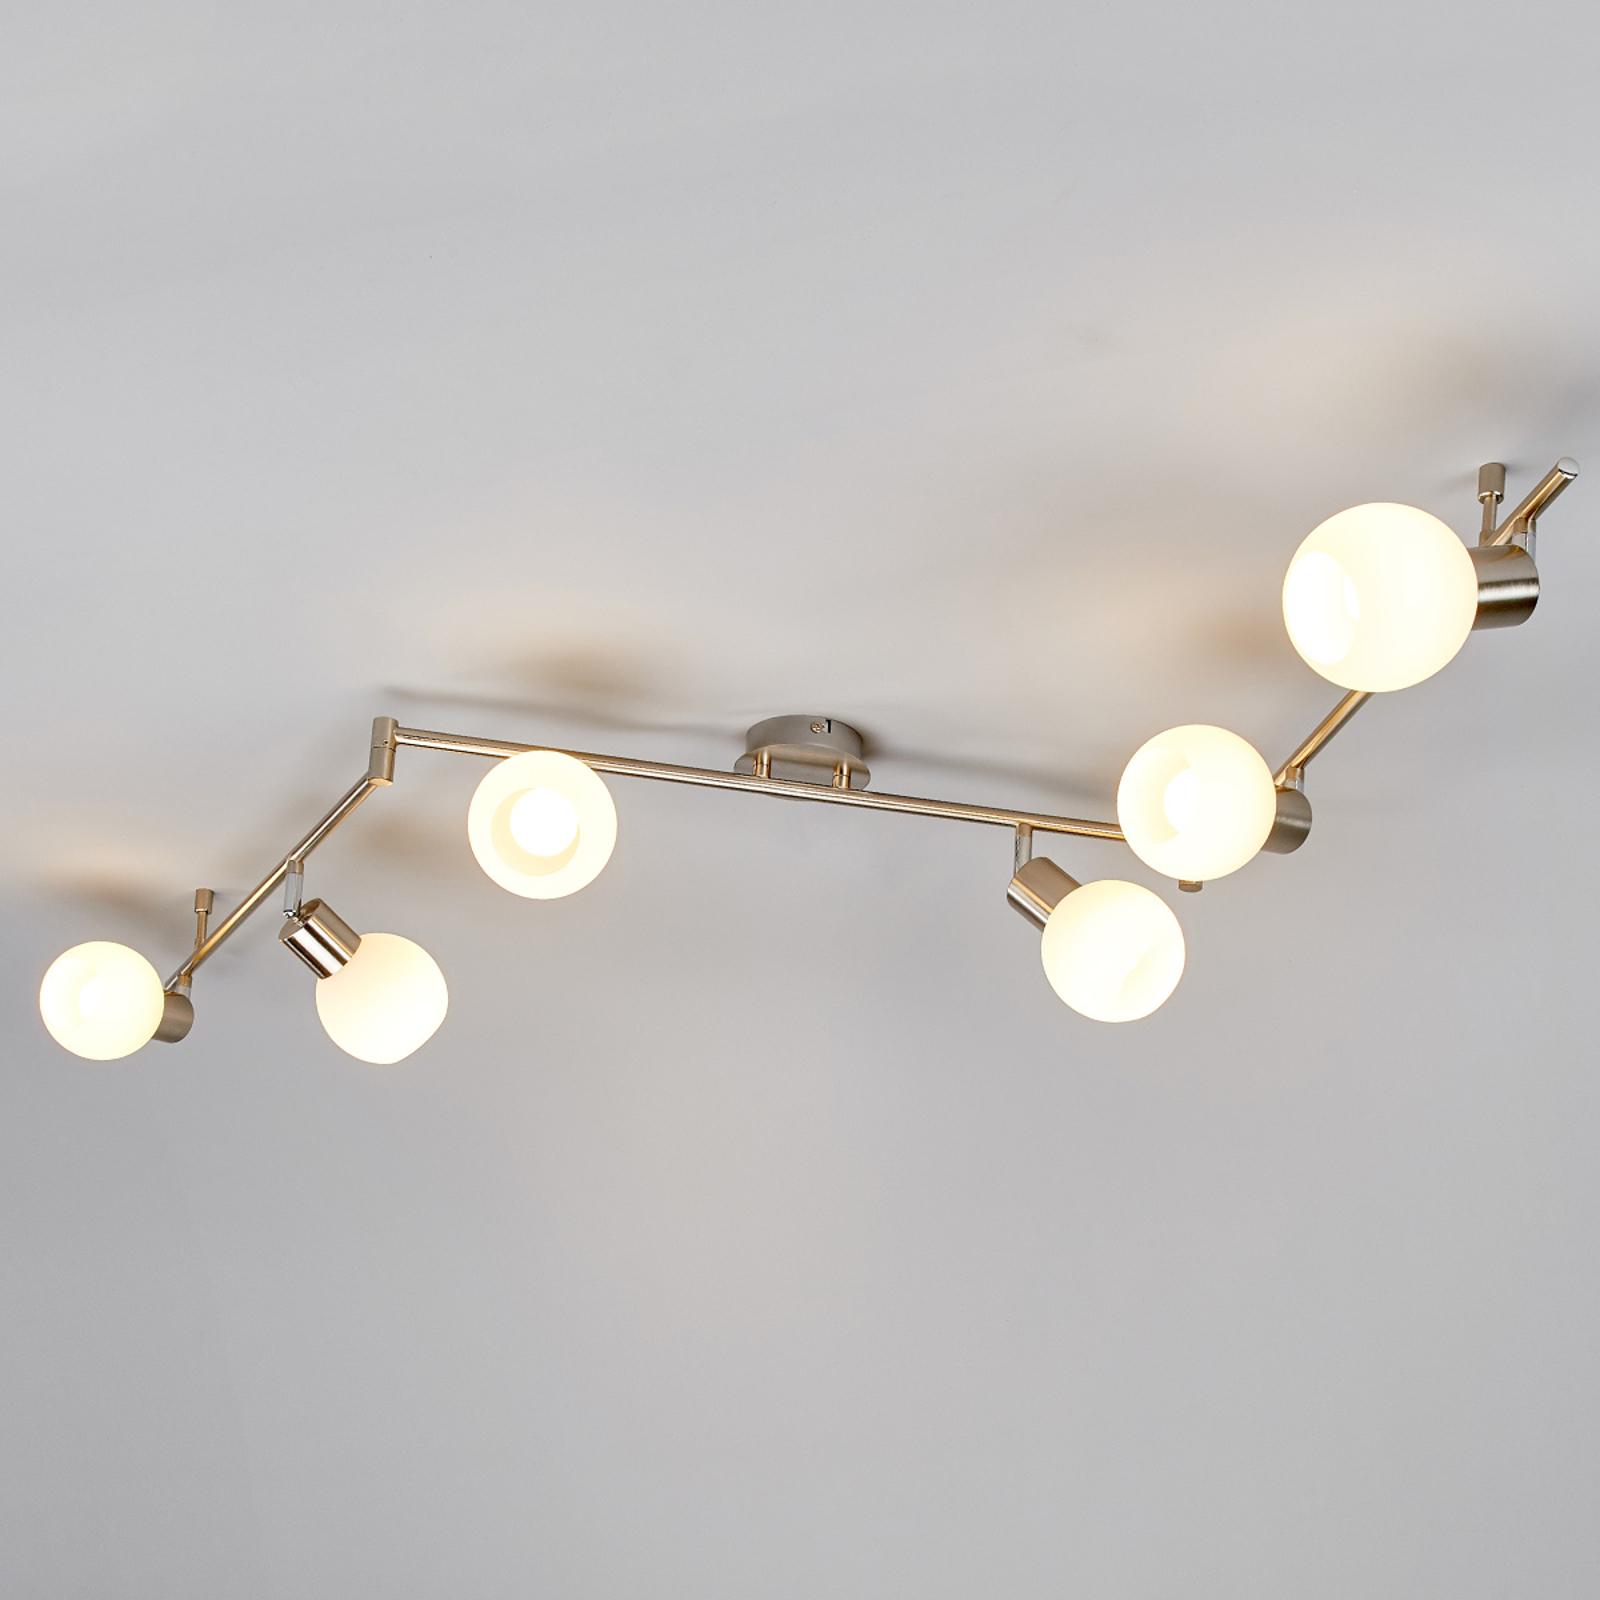 LED-Deckenlampe Elaina 6-flg., nickel matt